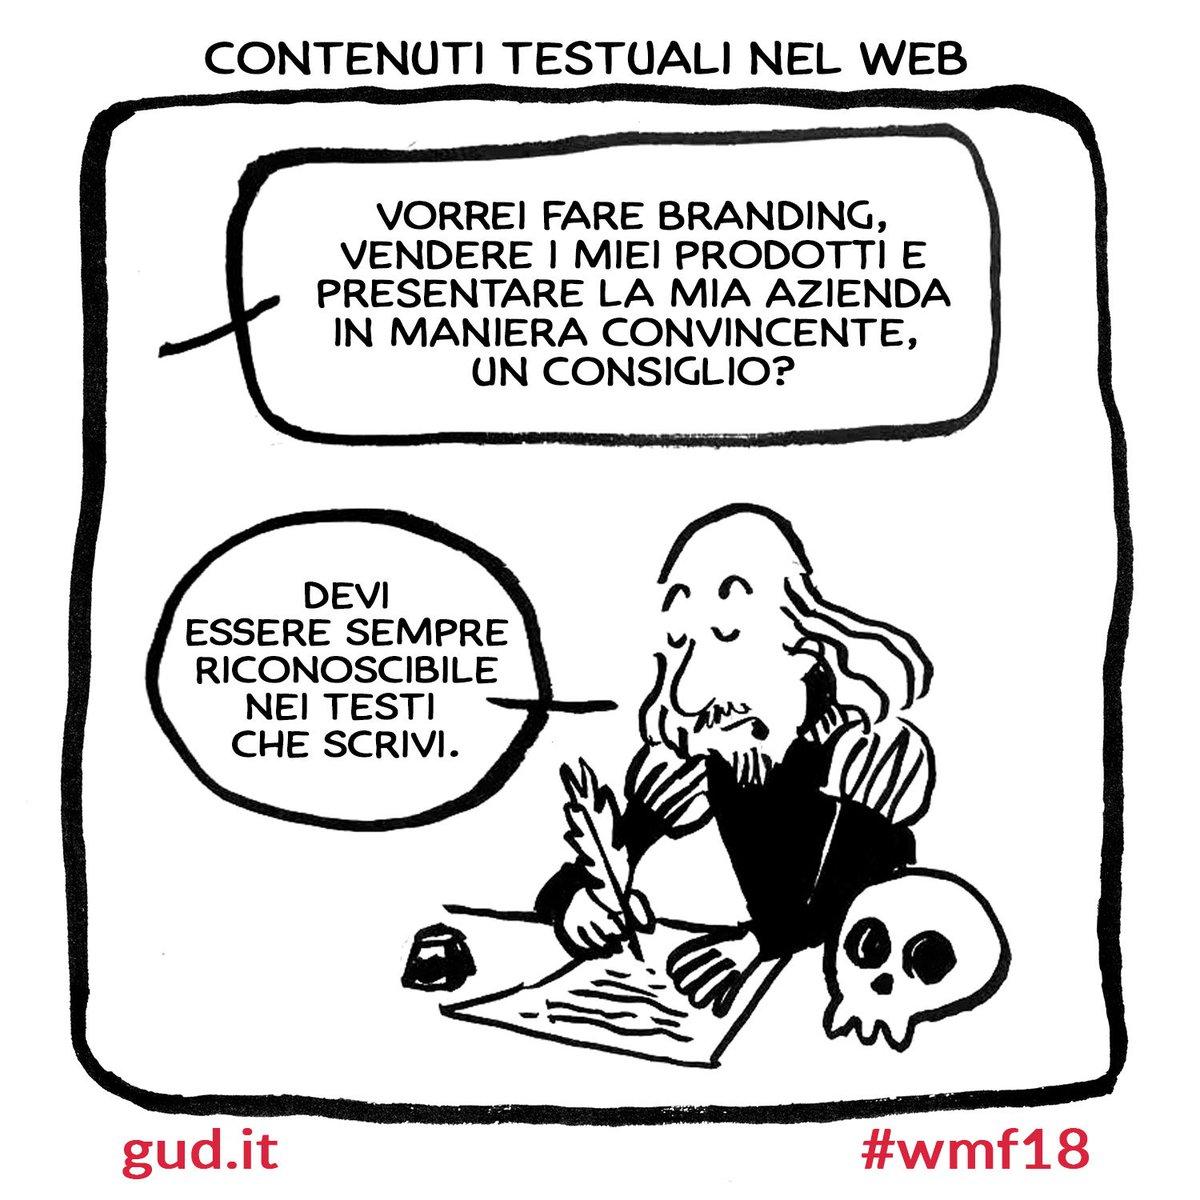 #wmf18